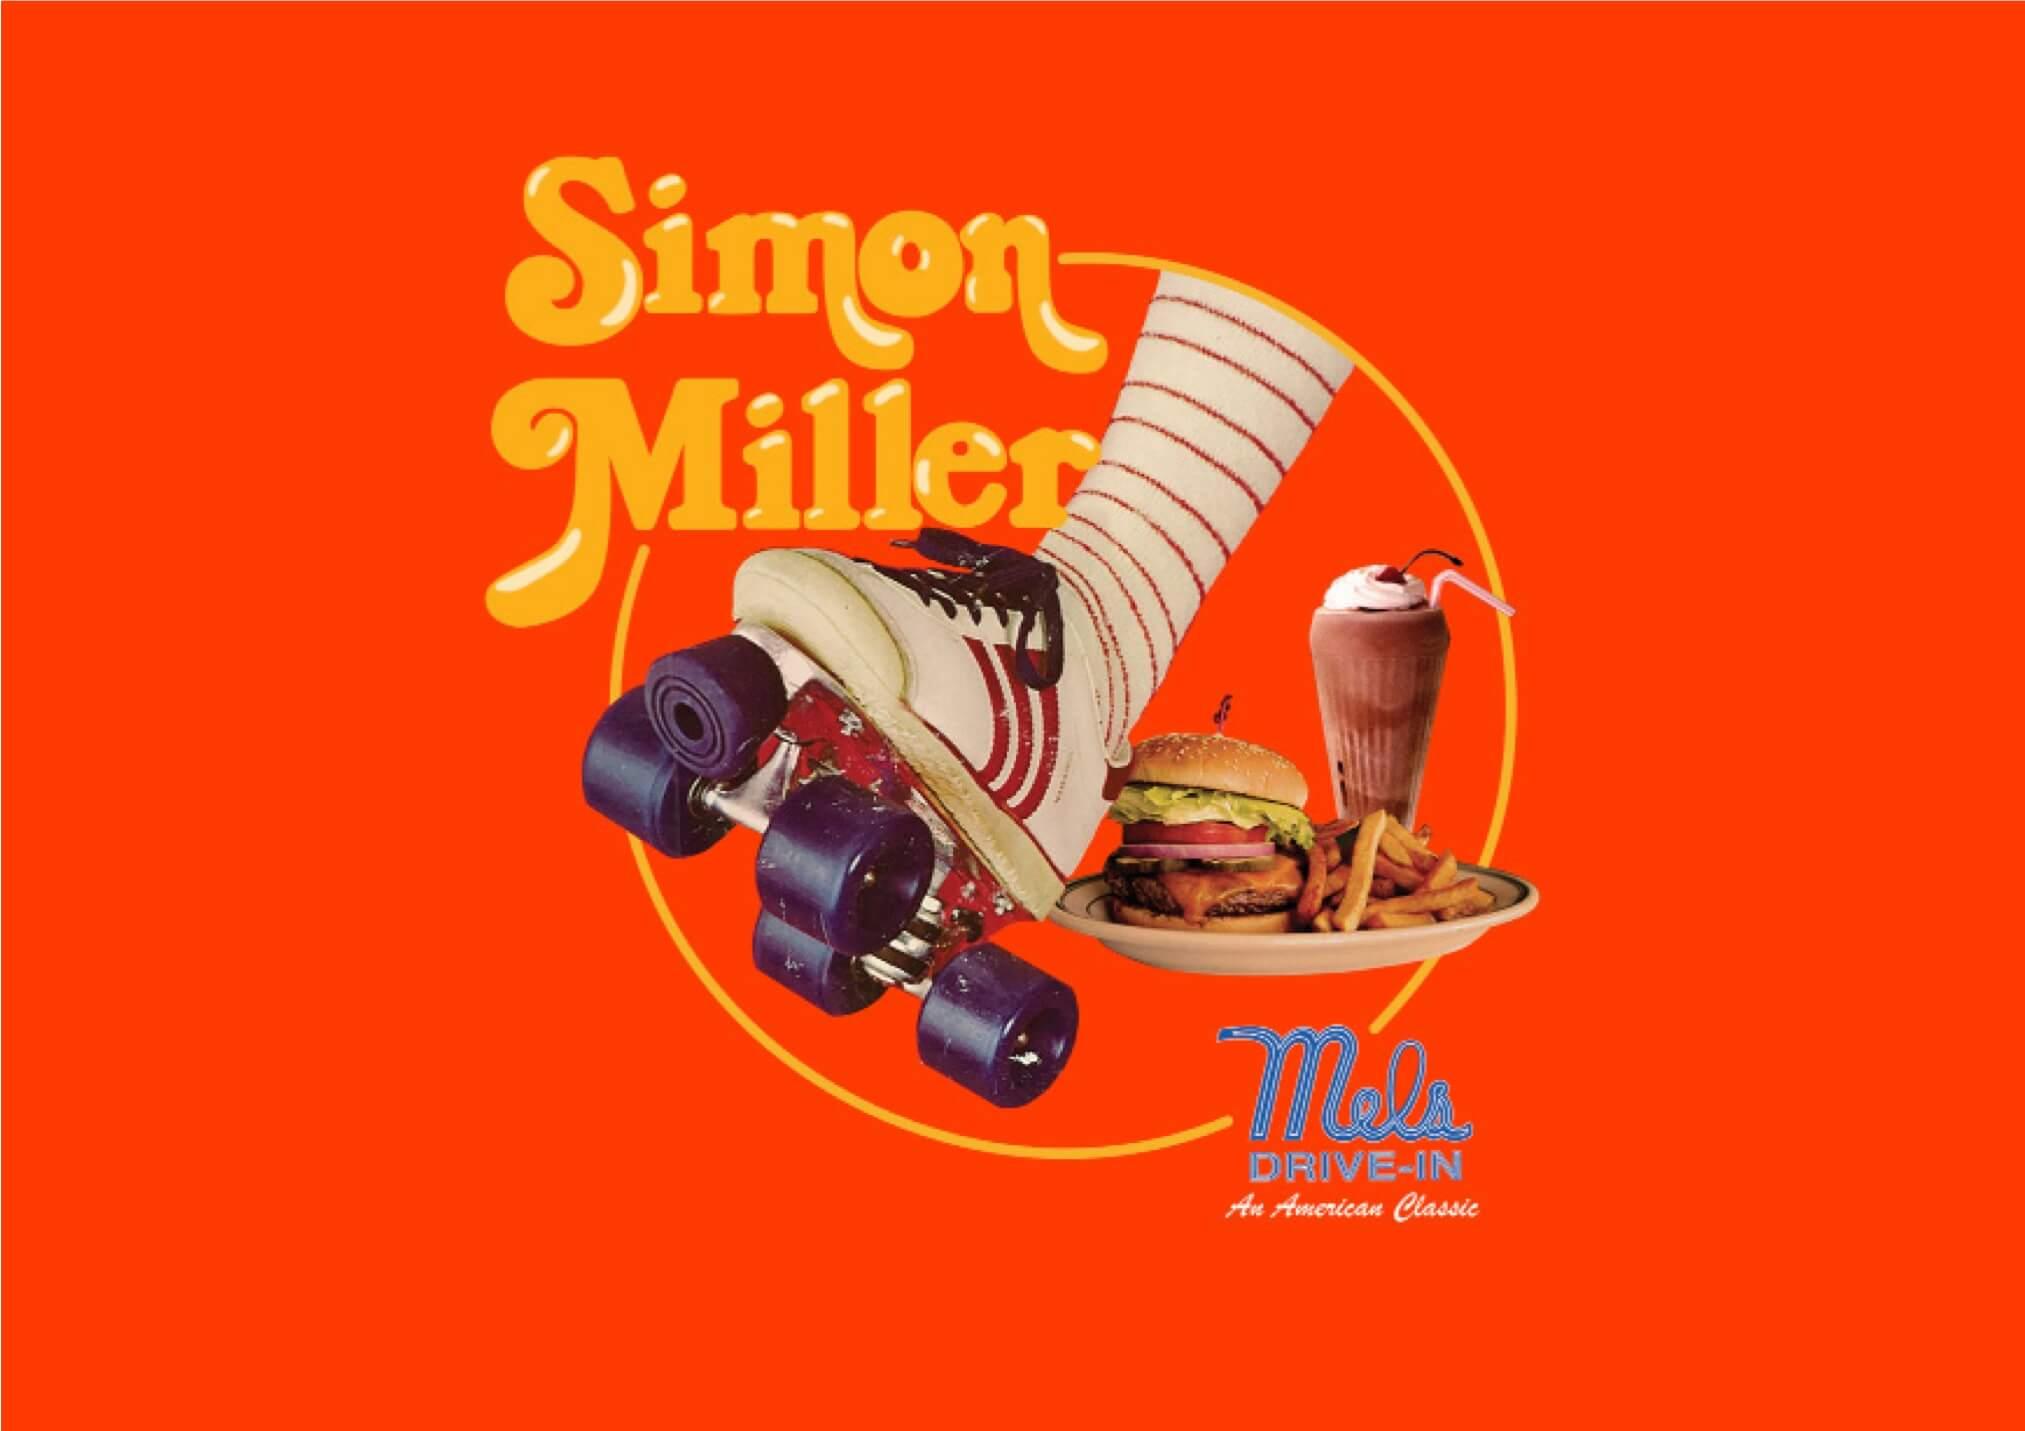 古き良きハリウッド映画の世界。 サイモン ミラーの最新ルックはあの「メルズダイナー」で!